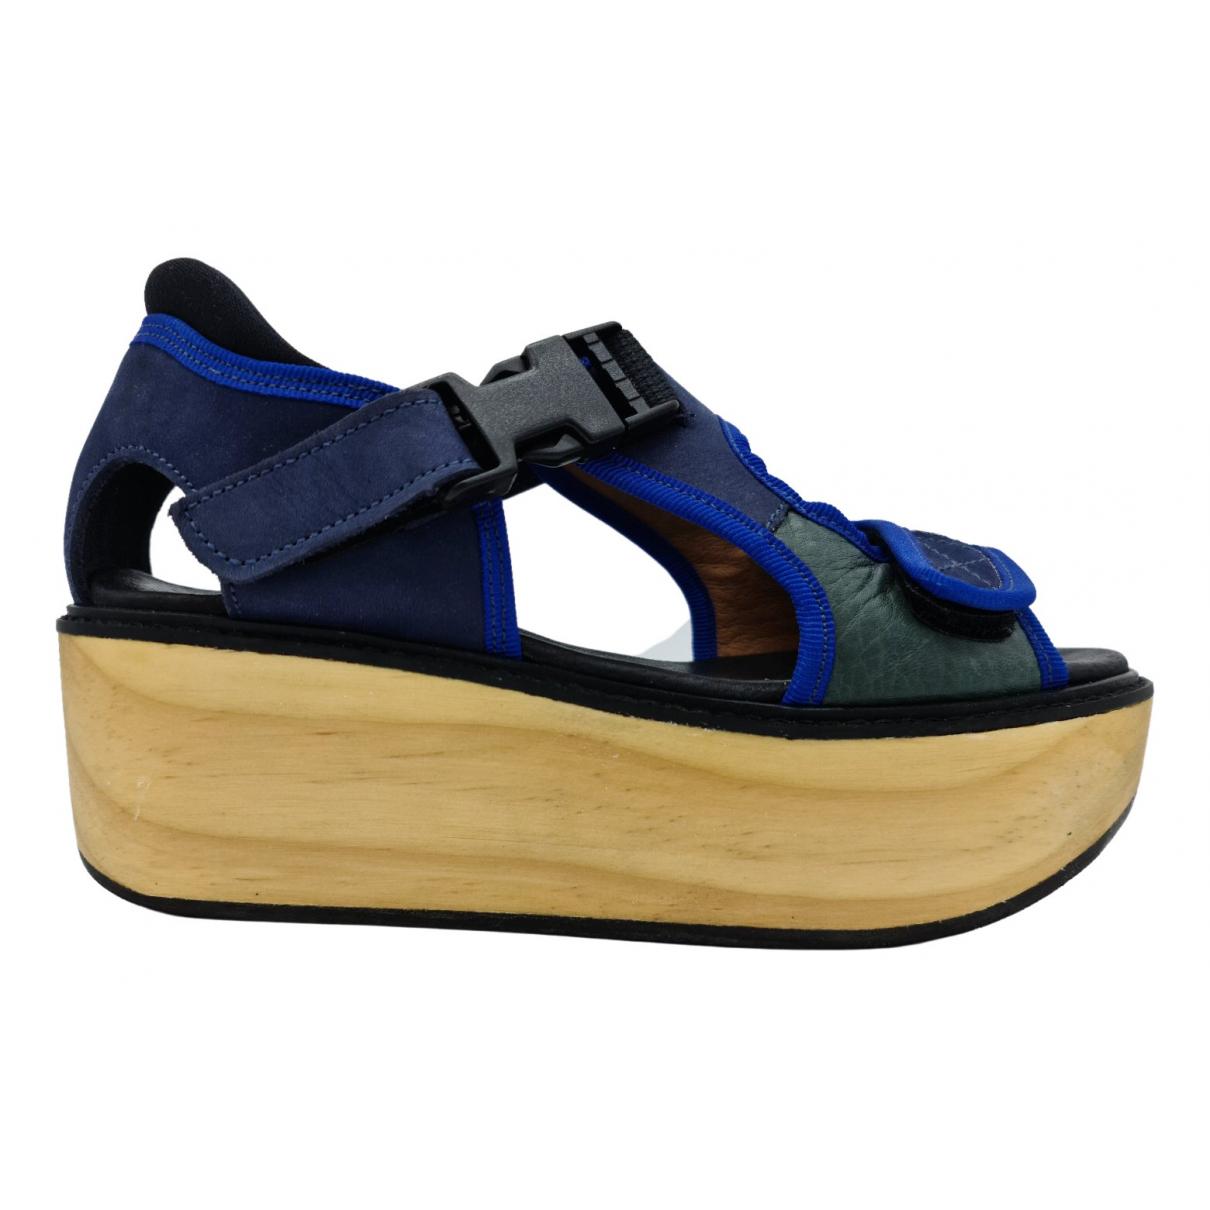 P.a.m. - Sandales   pour femme en cuir - marine